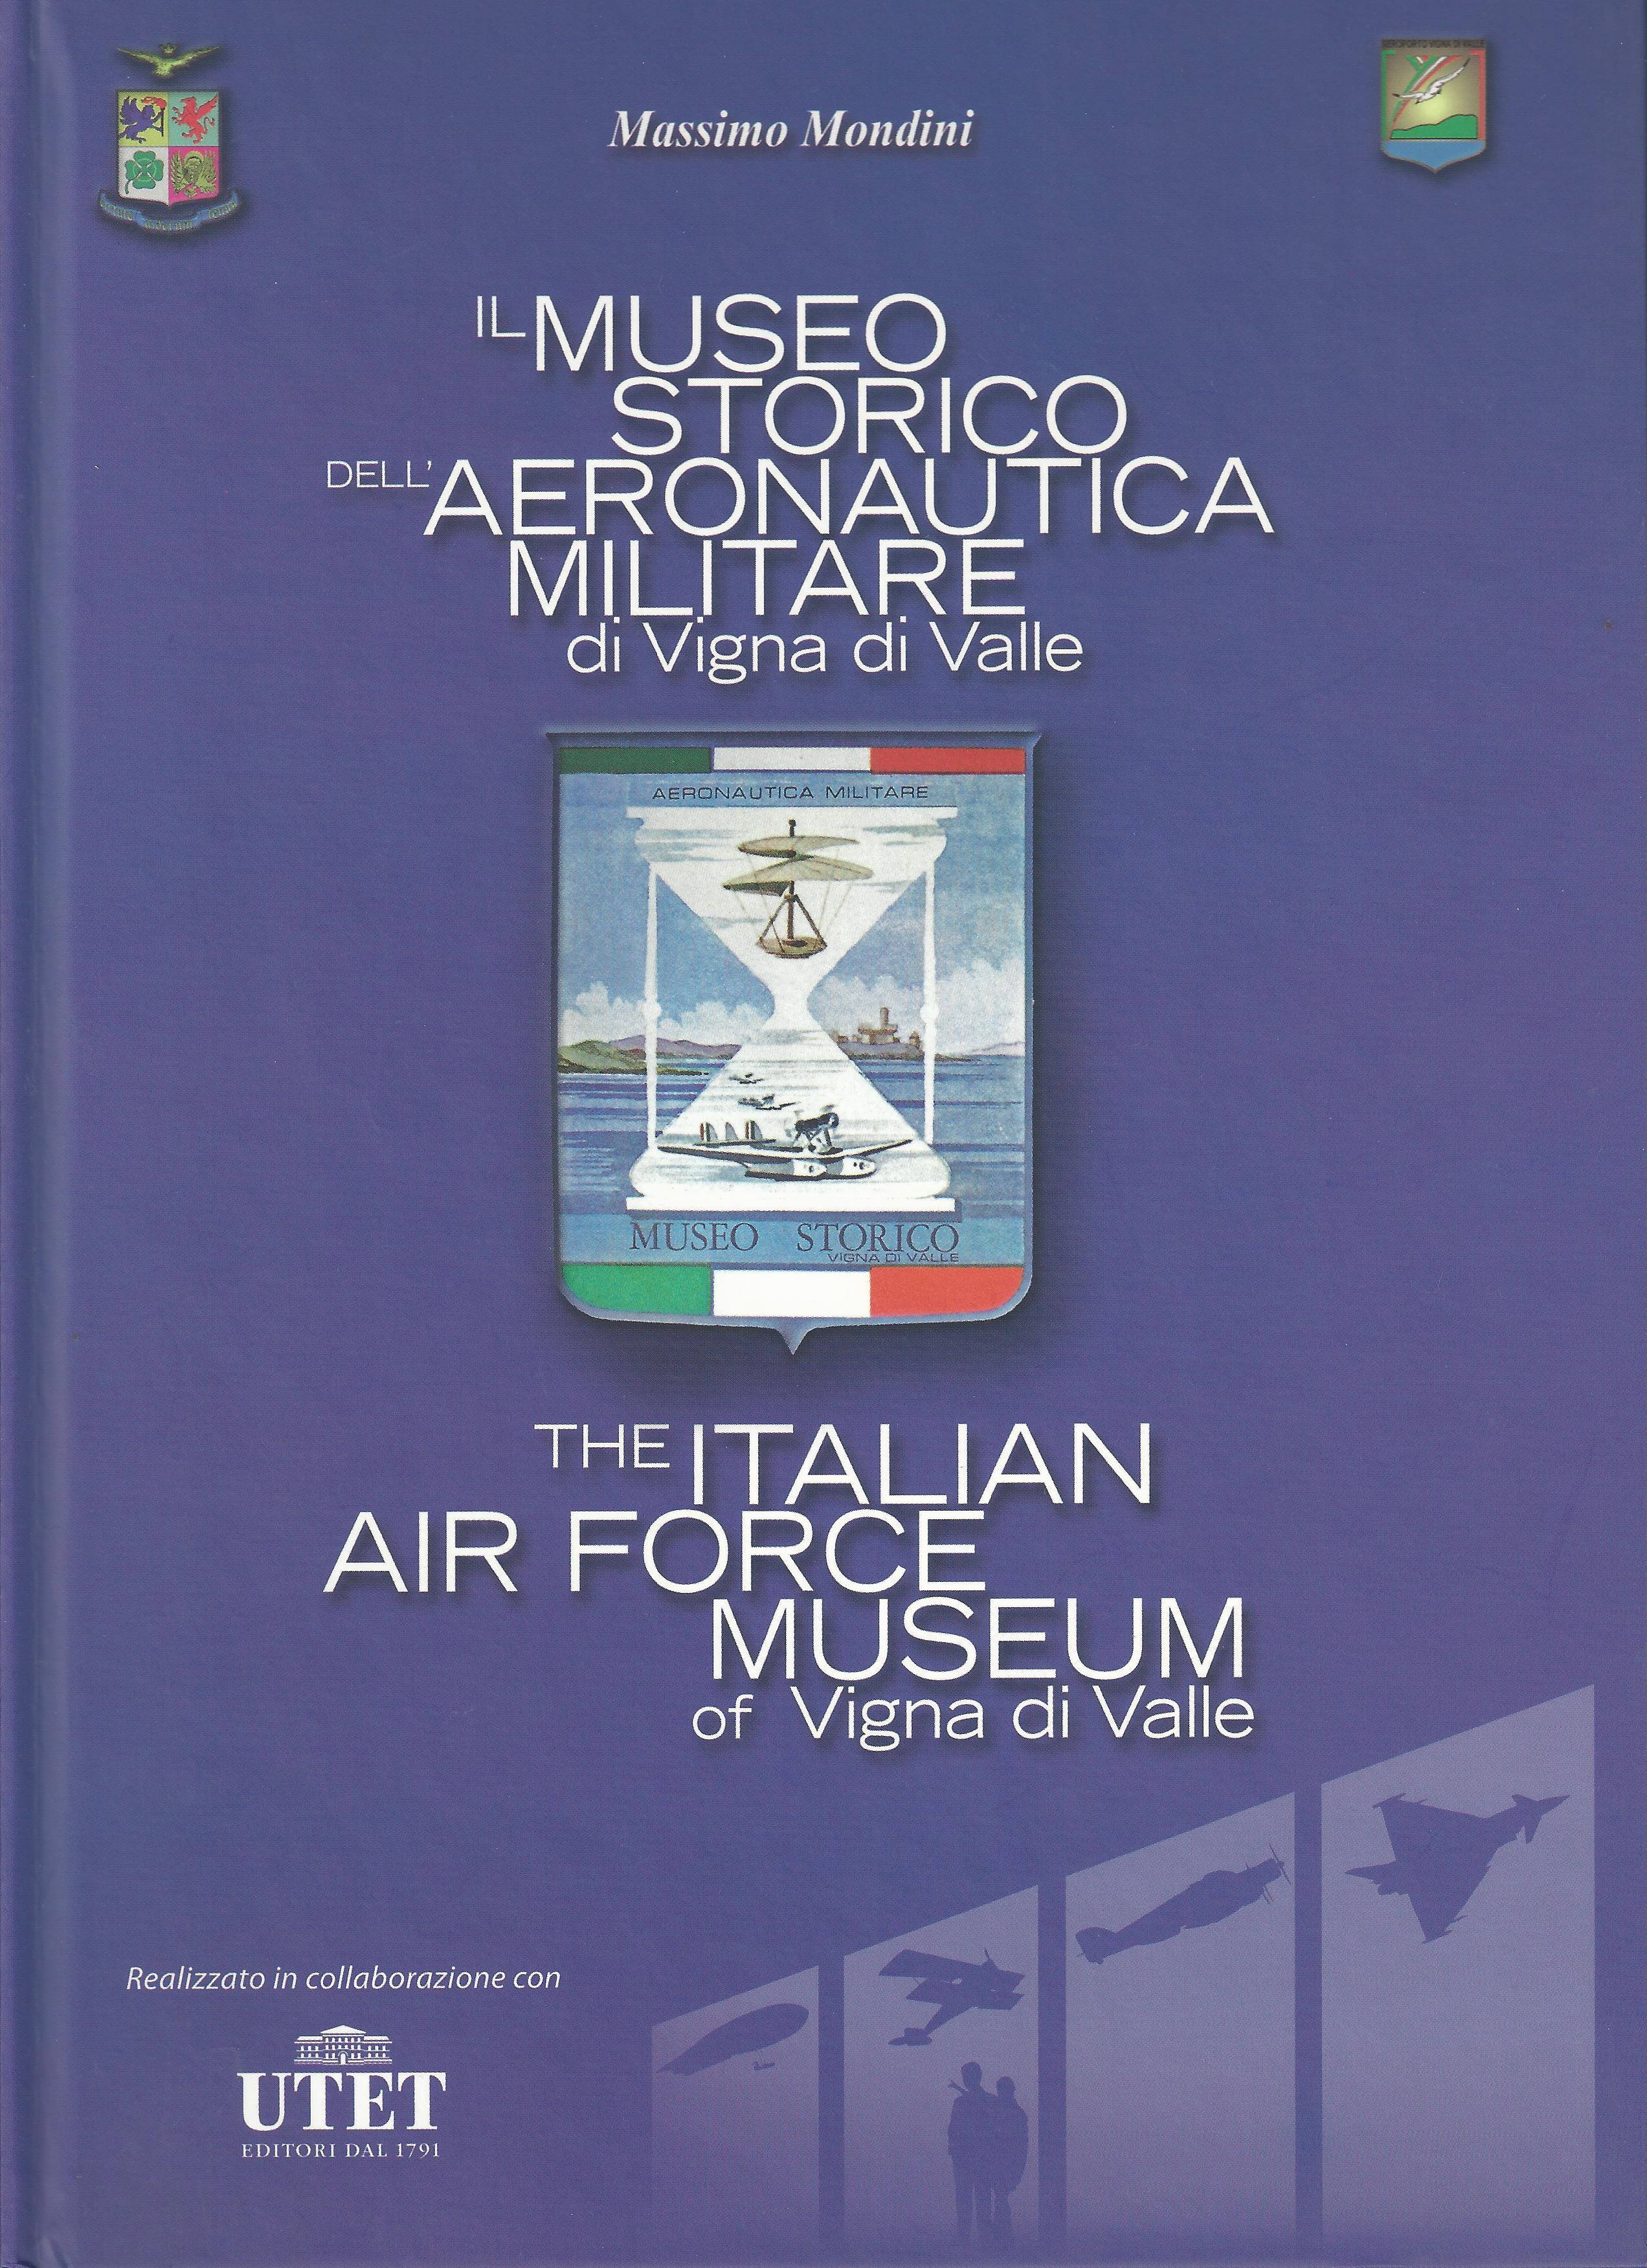 Il Museo Storico dell'Aeronautica Militare di Vigna di Valle